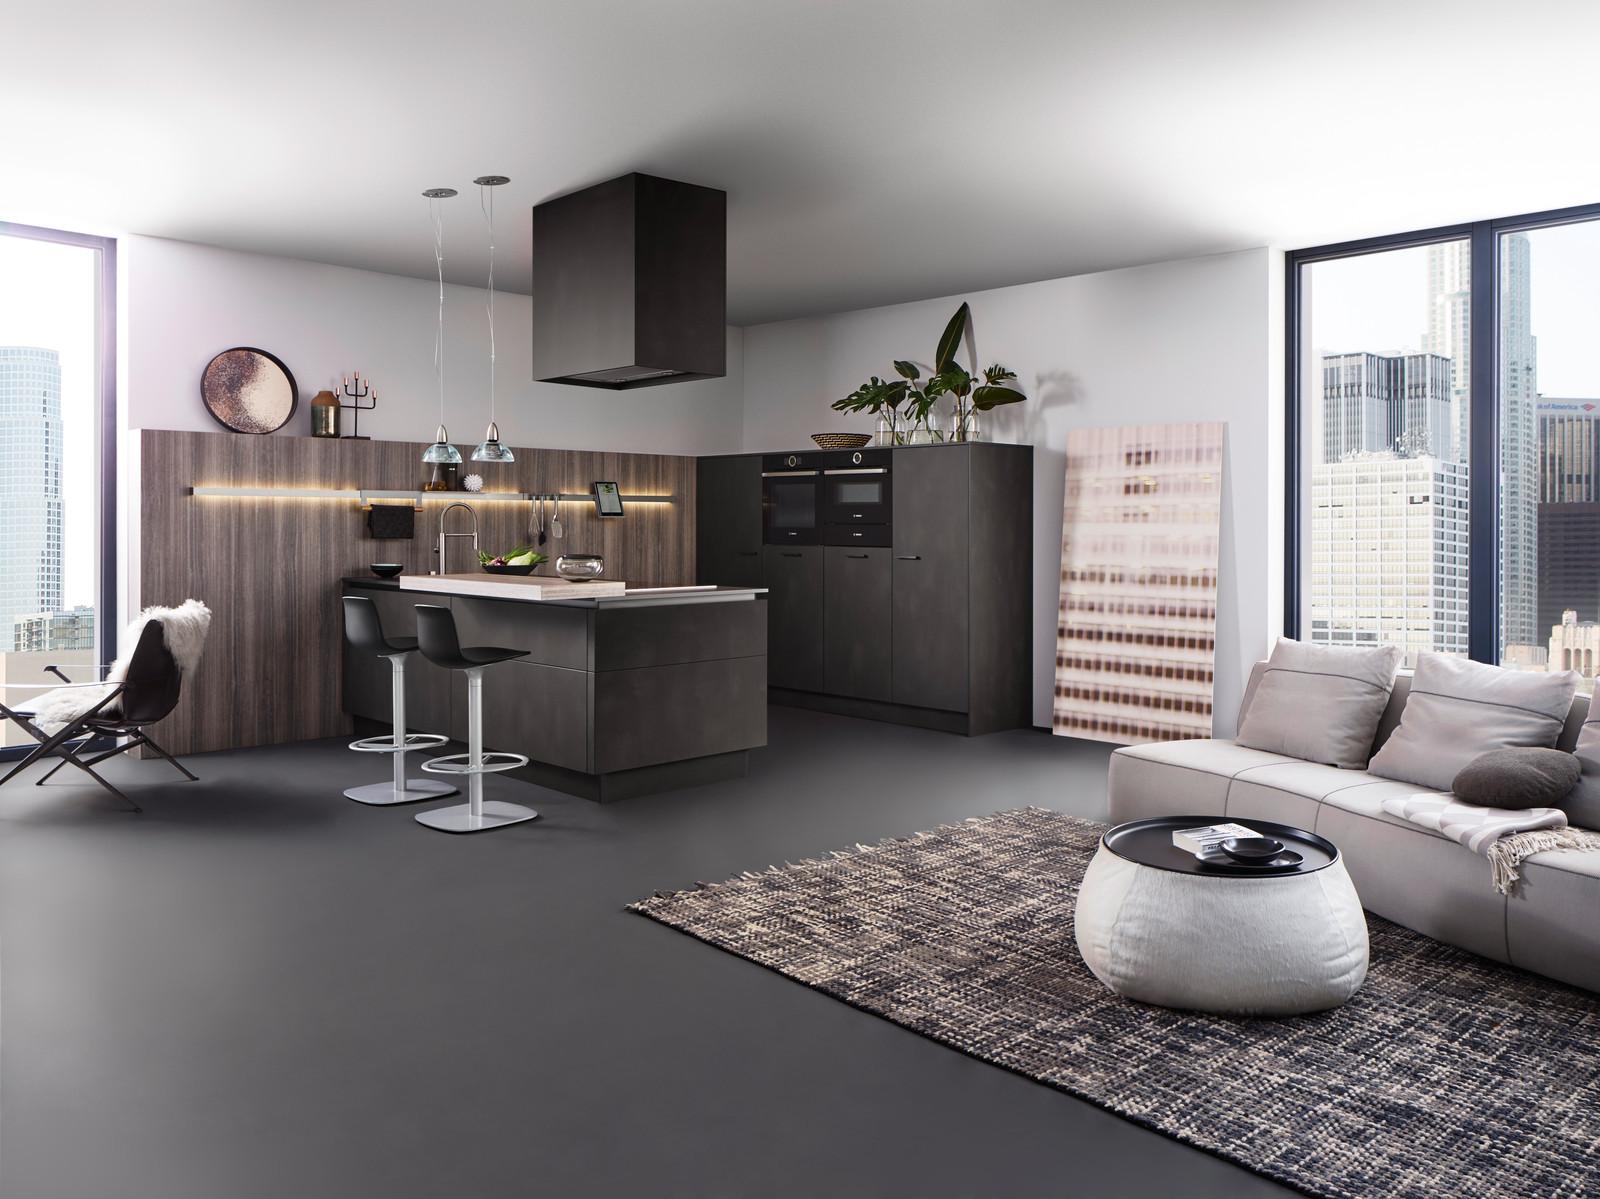 FIND MORE European Style Kitchen Cabinets ORANGE COUNTY IN OUR PORTFOLIO  Leicht South Coast Plaza, European Kitchen Design.